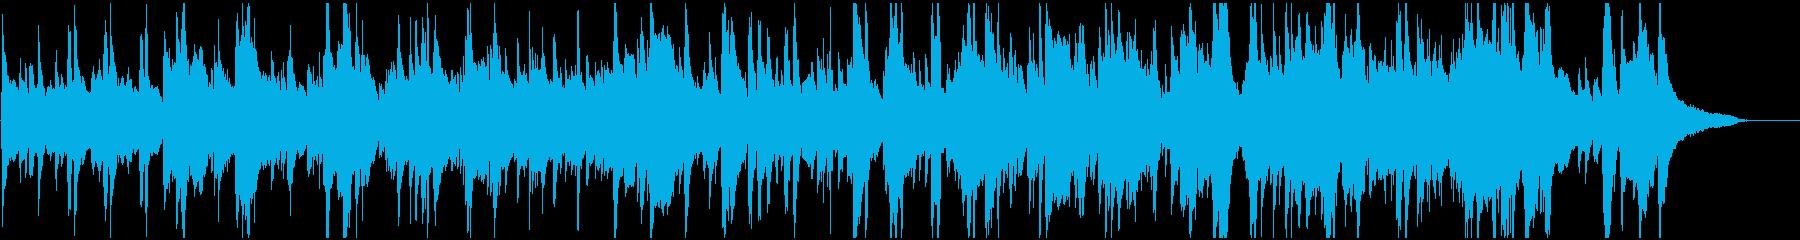 きよしこの夜 幻想的なジャズ 木琴の再生済みの波形